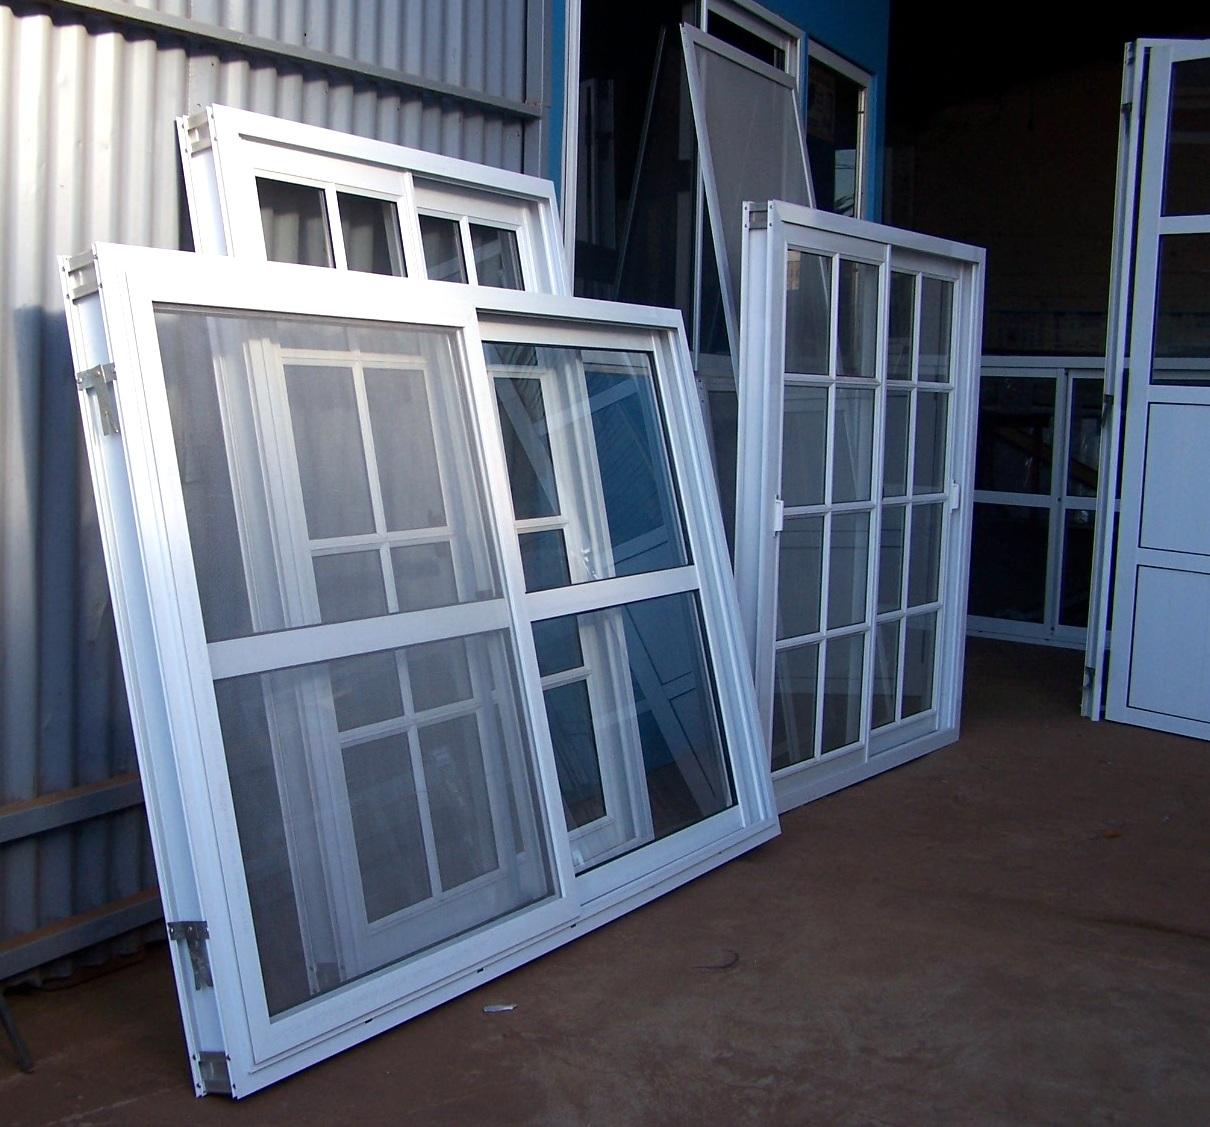 Comprar ofertas platos de ducha muebles sofas spain - Leroy merlin ventanas de aluminio ...